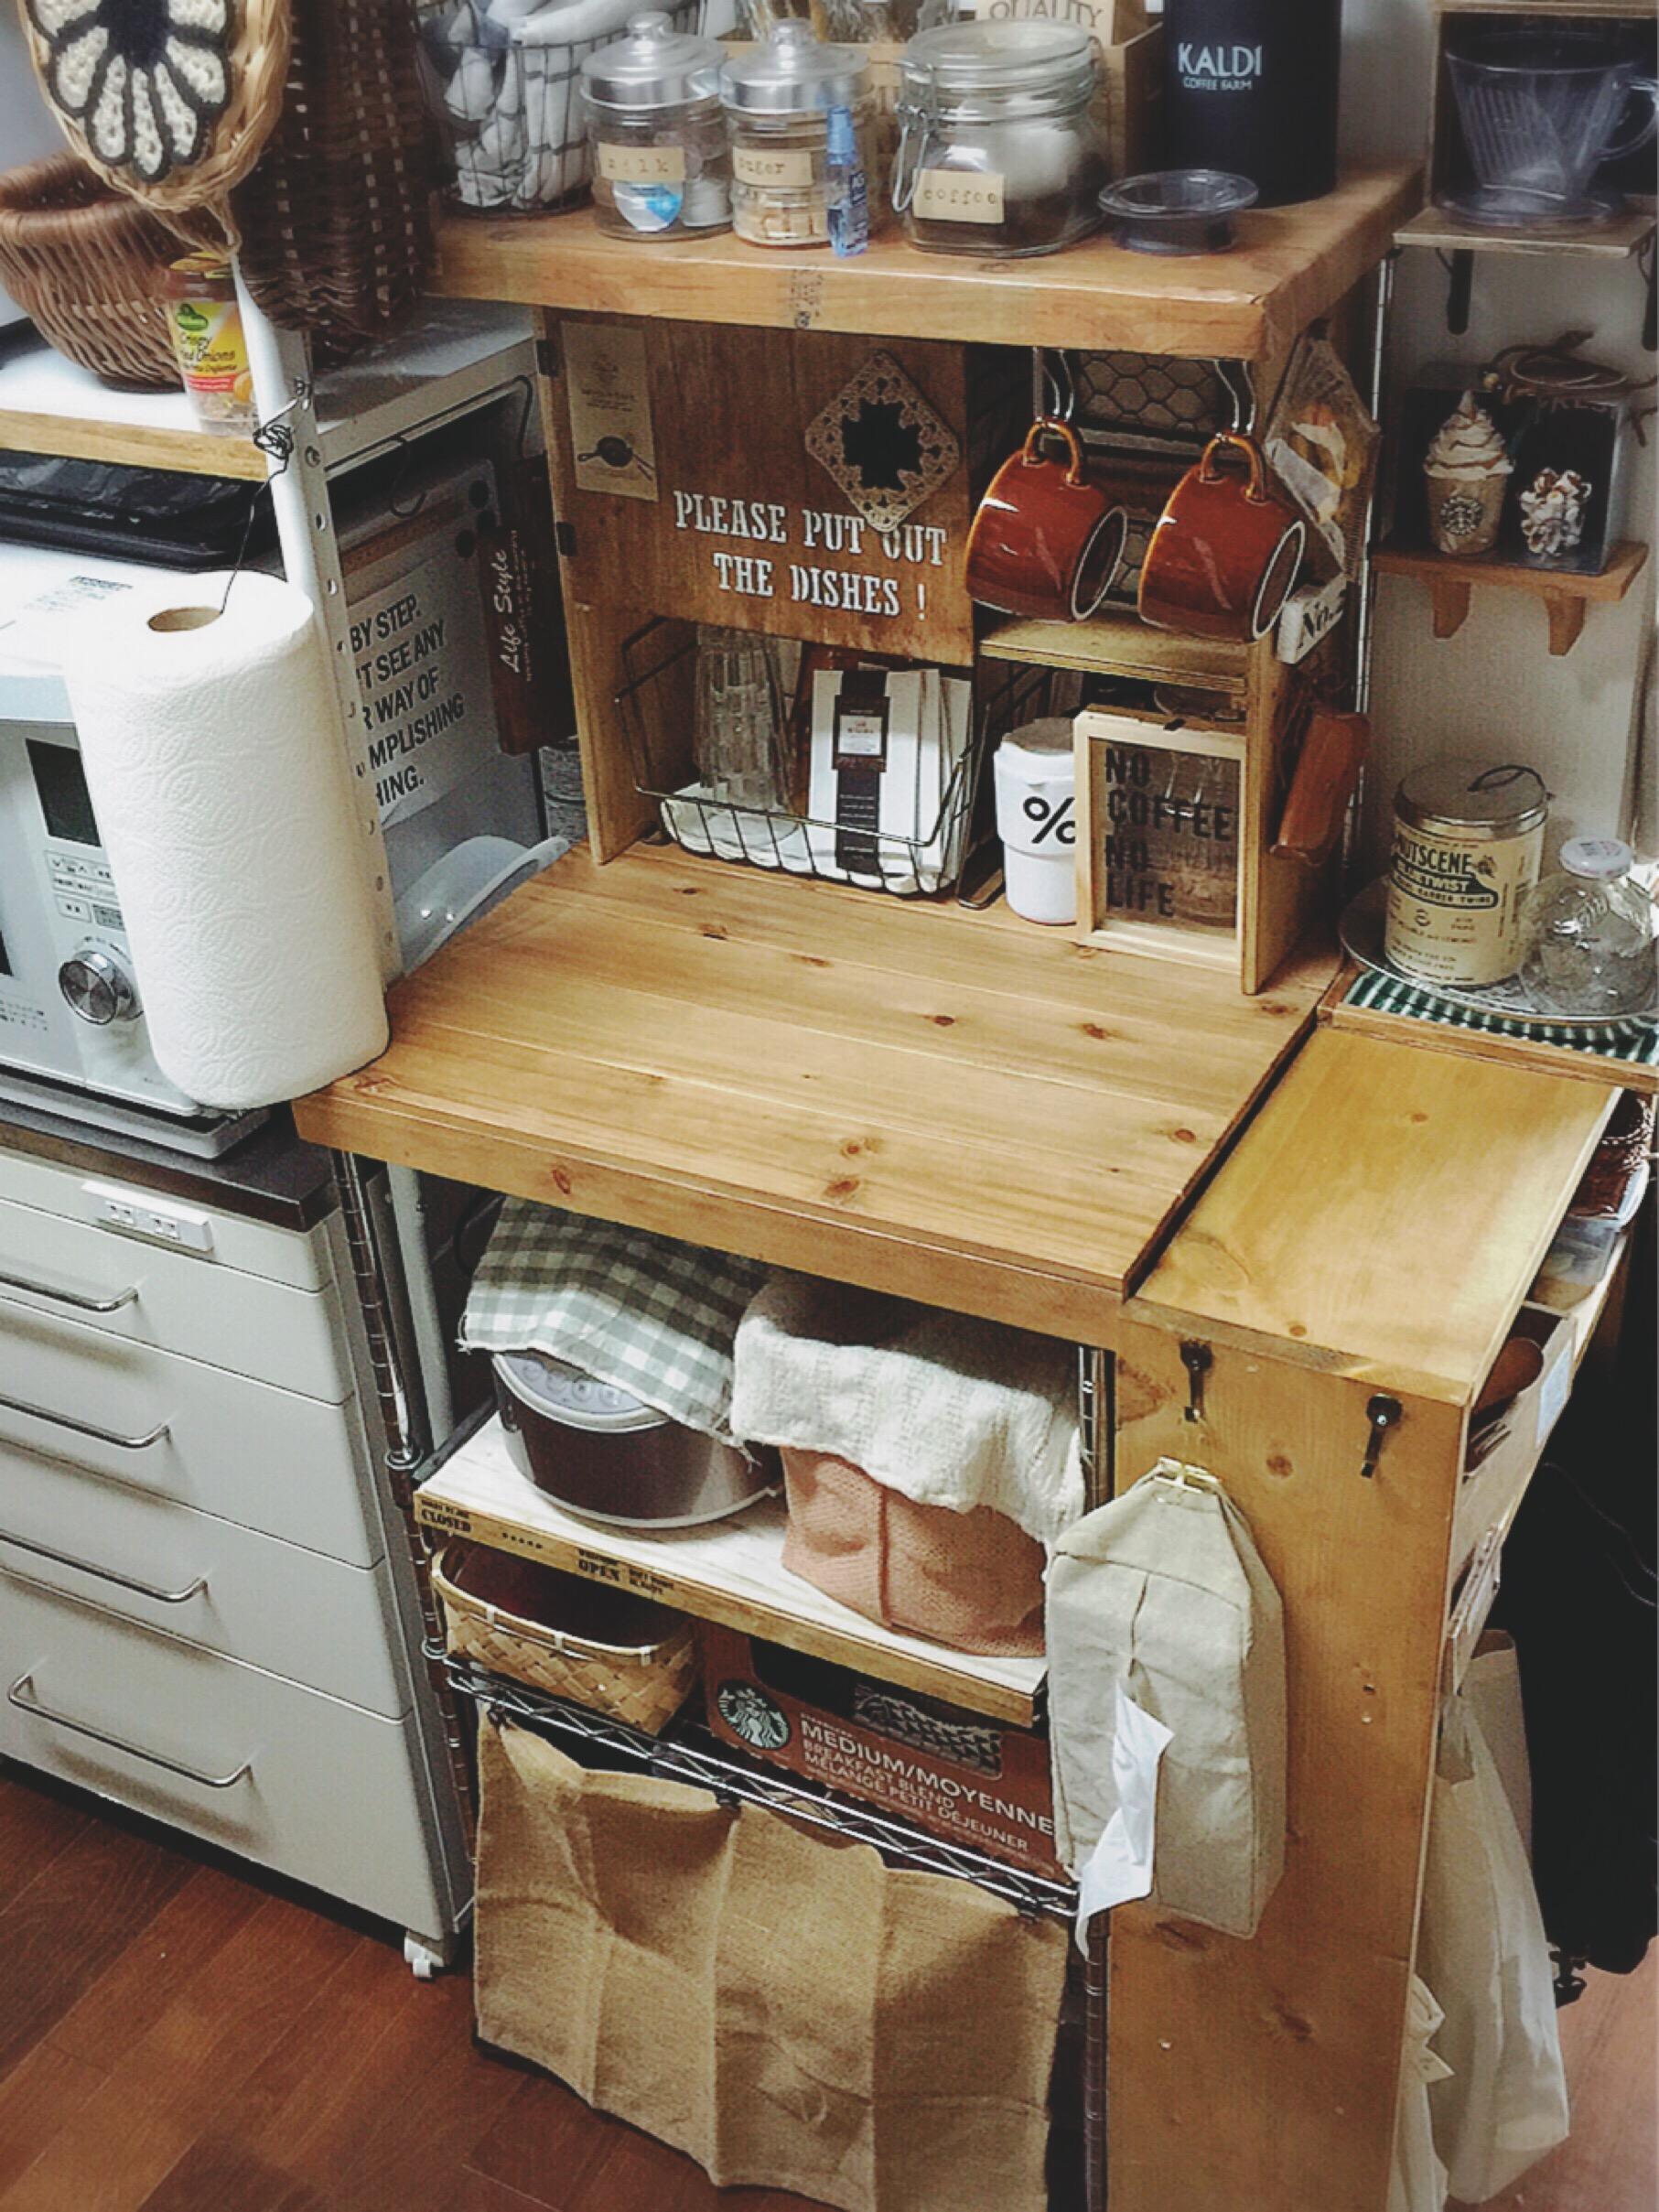 スチール棚がナチュラルなウッド棚に変身!kinu-sakuさんのレンジ台リメイク